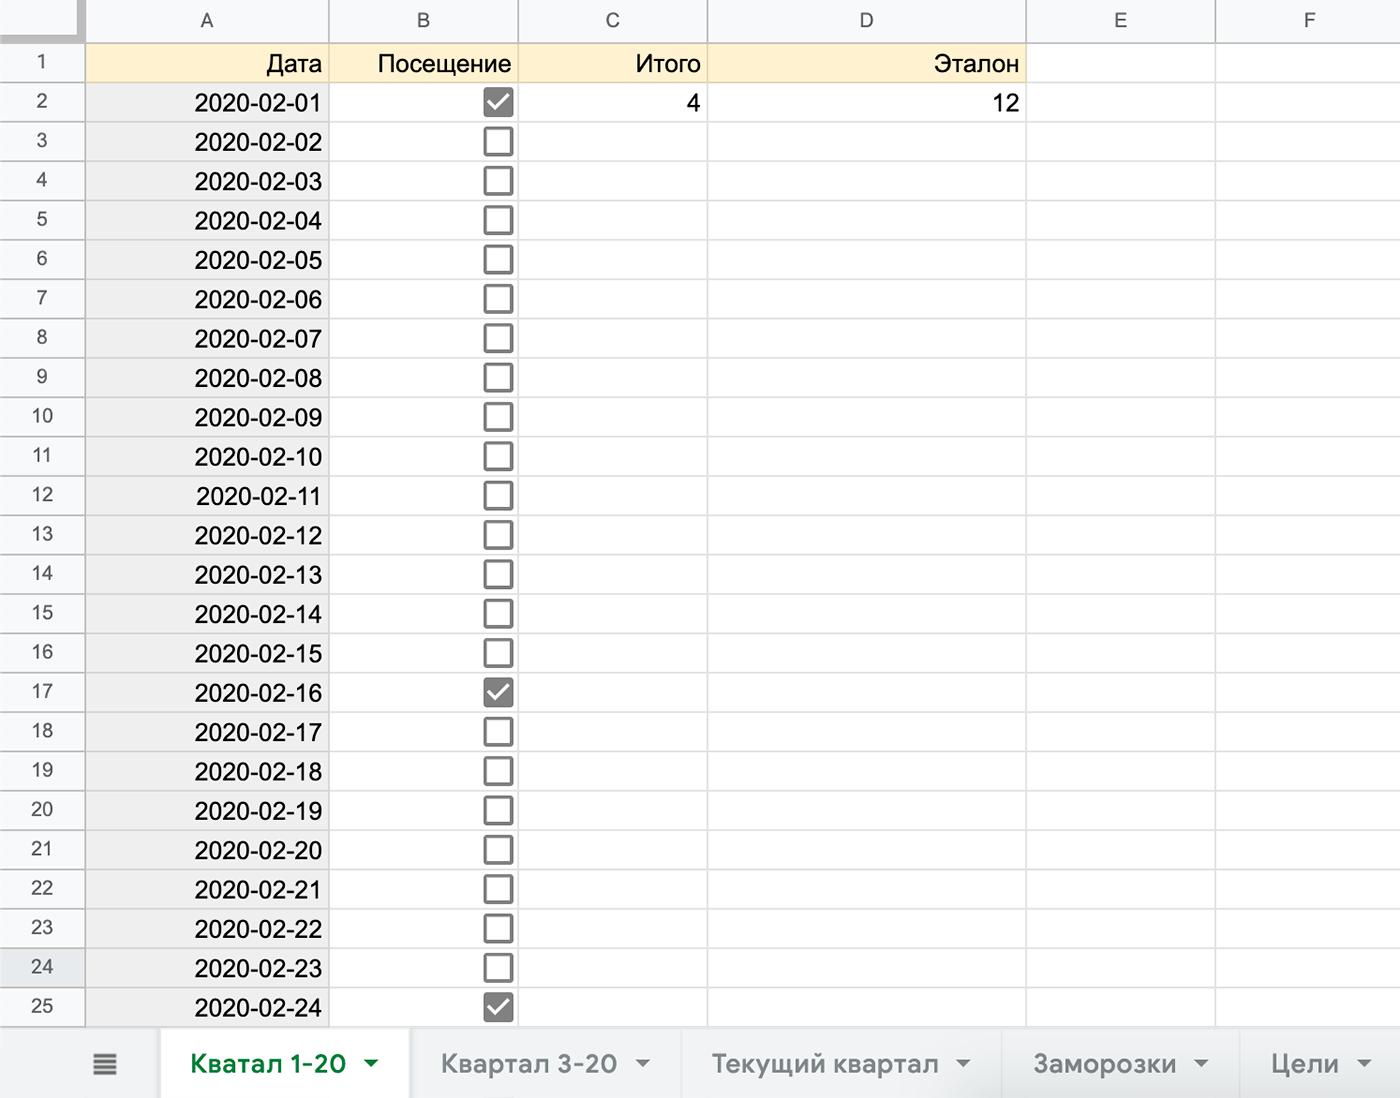 Сейчас таблица выглядит так. Добавил листы заморозок и целей